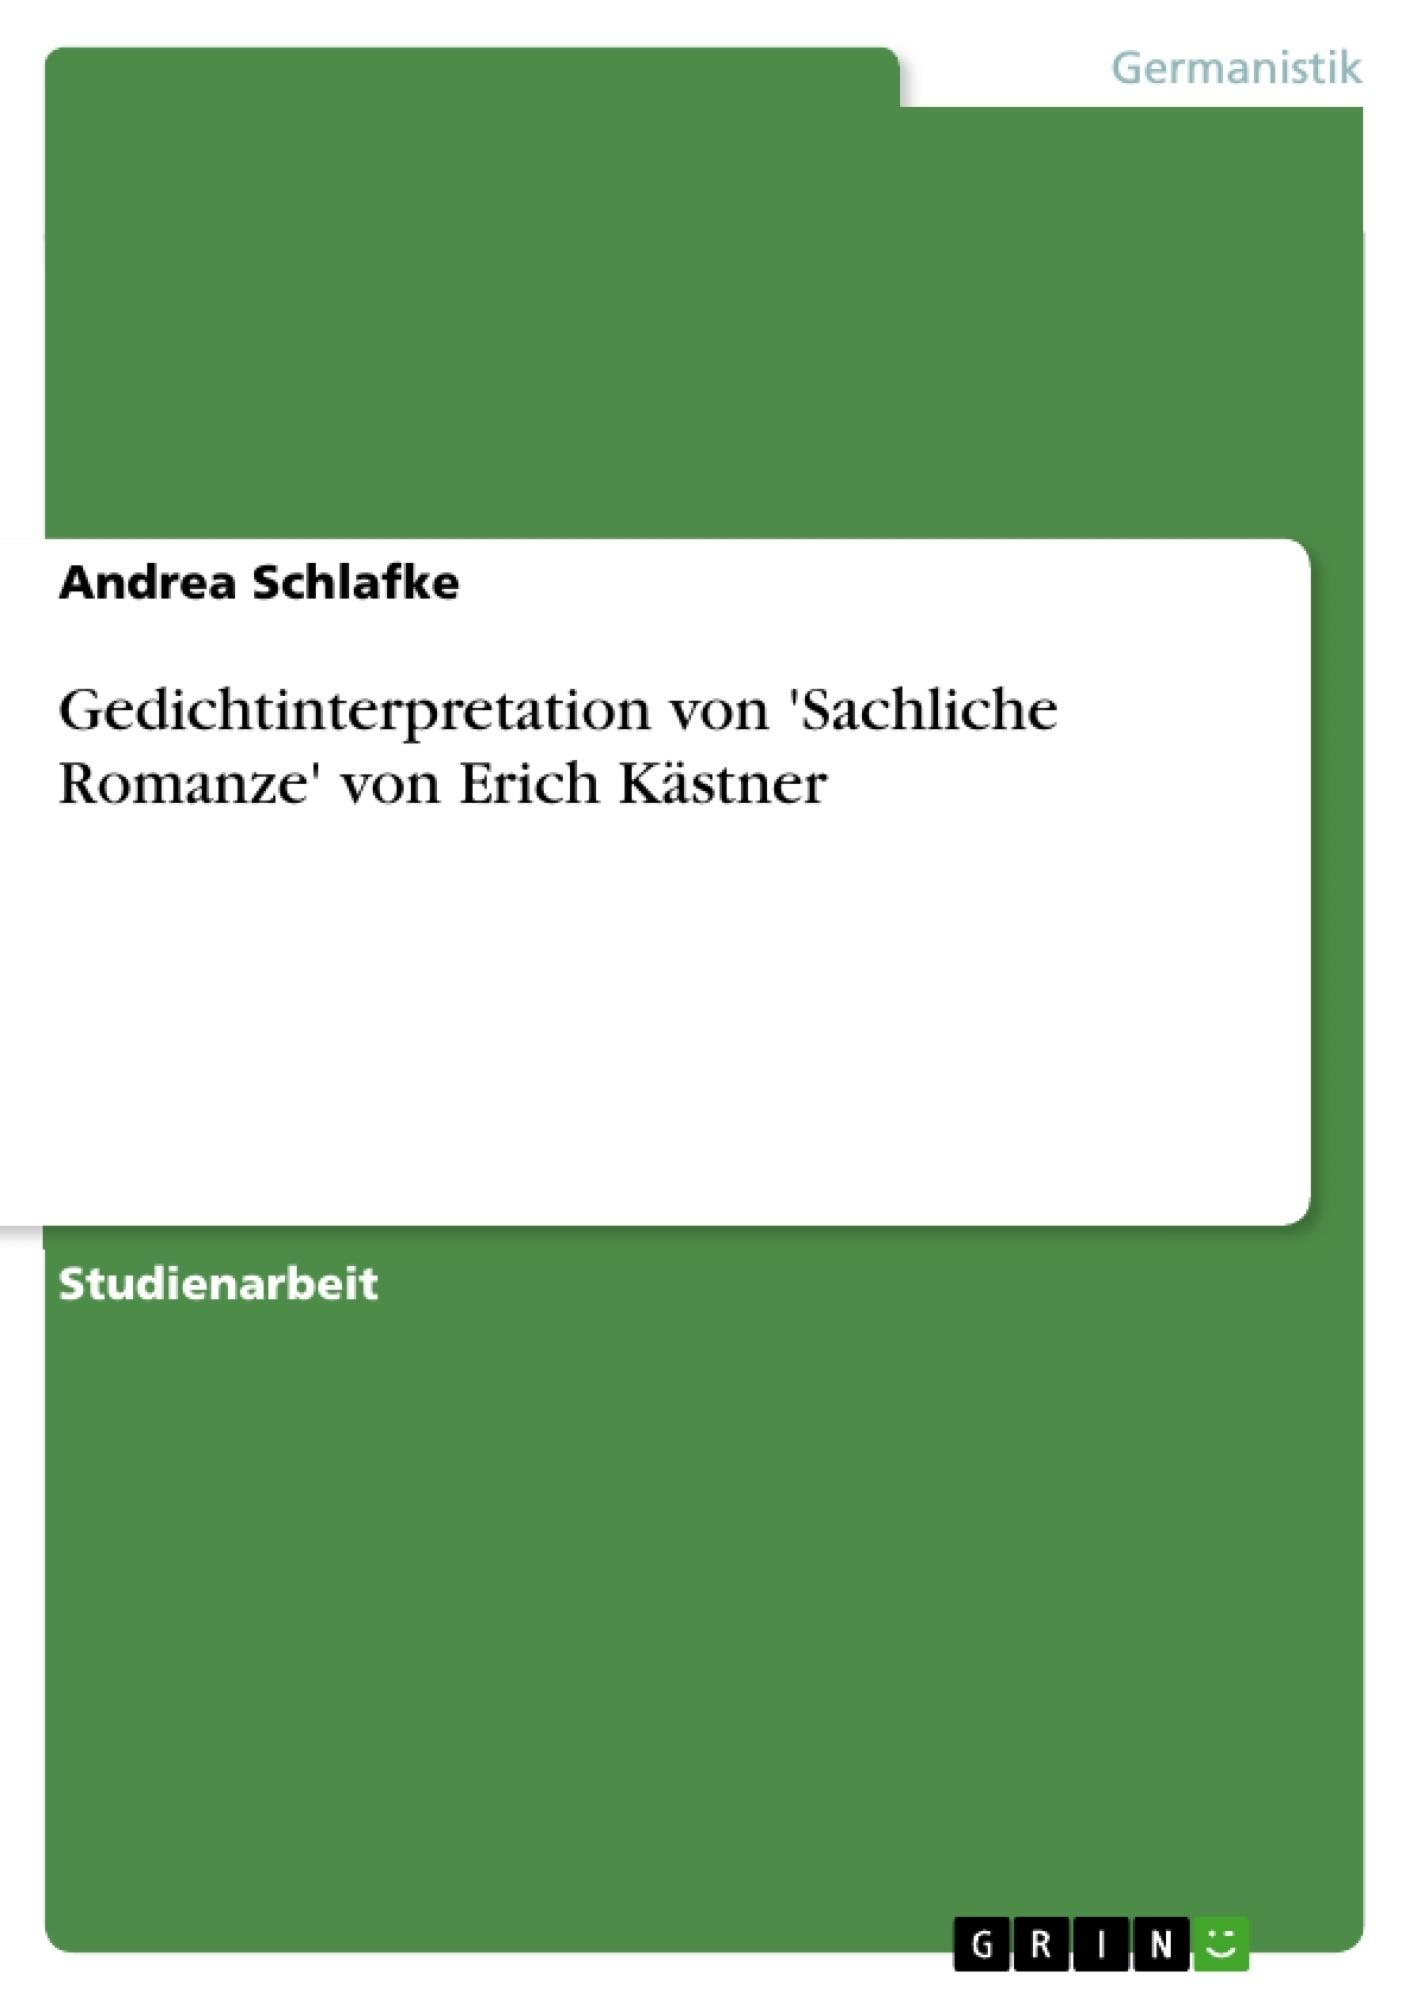 Titel: Gedichtinterpretation von 'Sachliche Romanze' von Erich Kästner